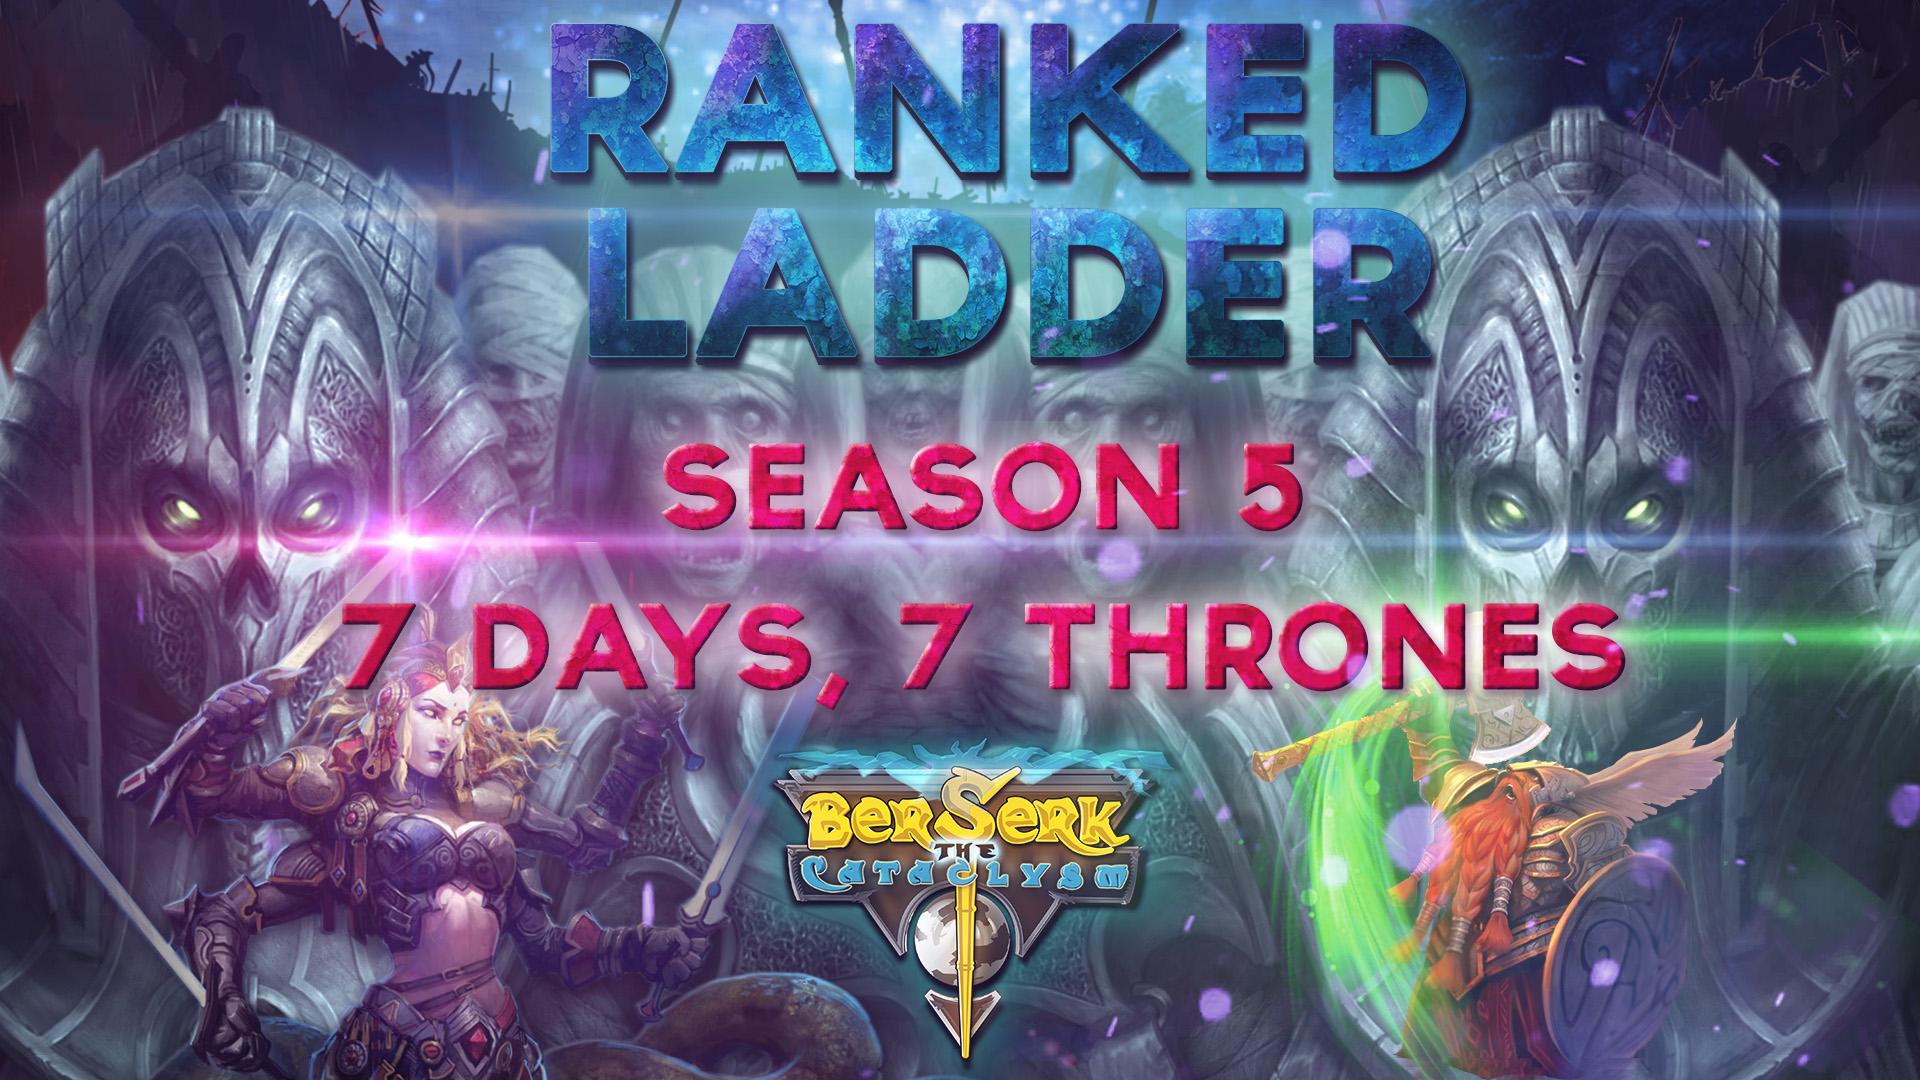 Ranked_LAdder_5_7_Days_7_thronesl.jpg